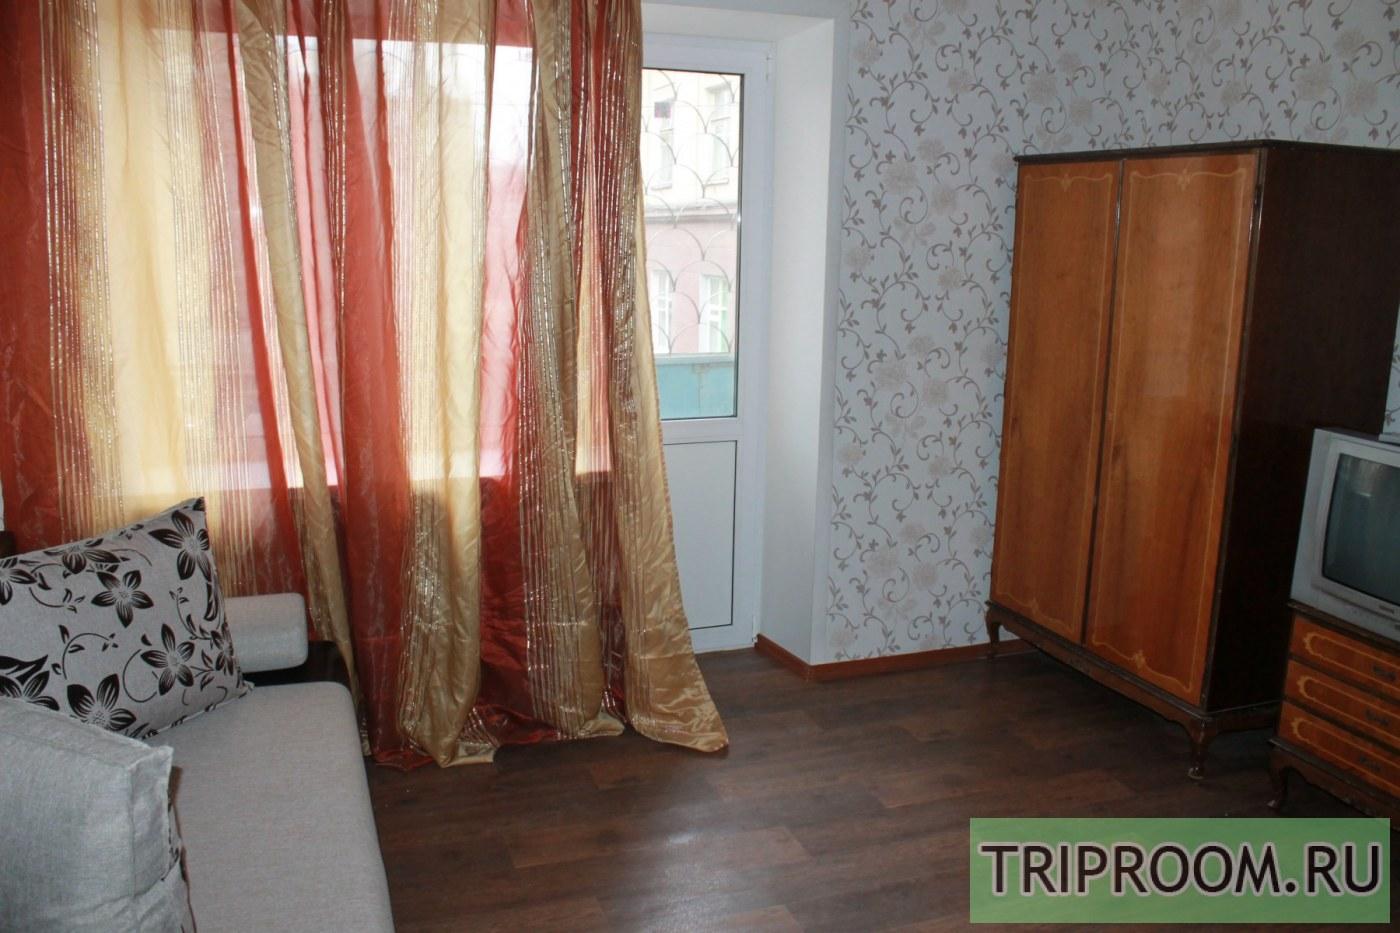 2-комнатная квартира посуточно (вариант № 40137), ул. Новоузенская улица, фото № 2